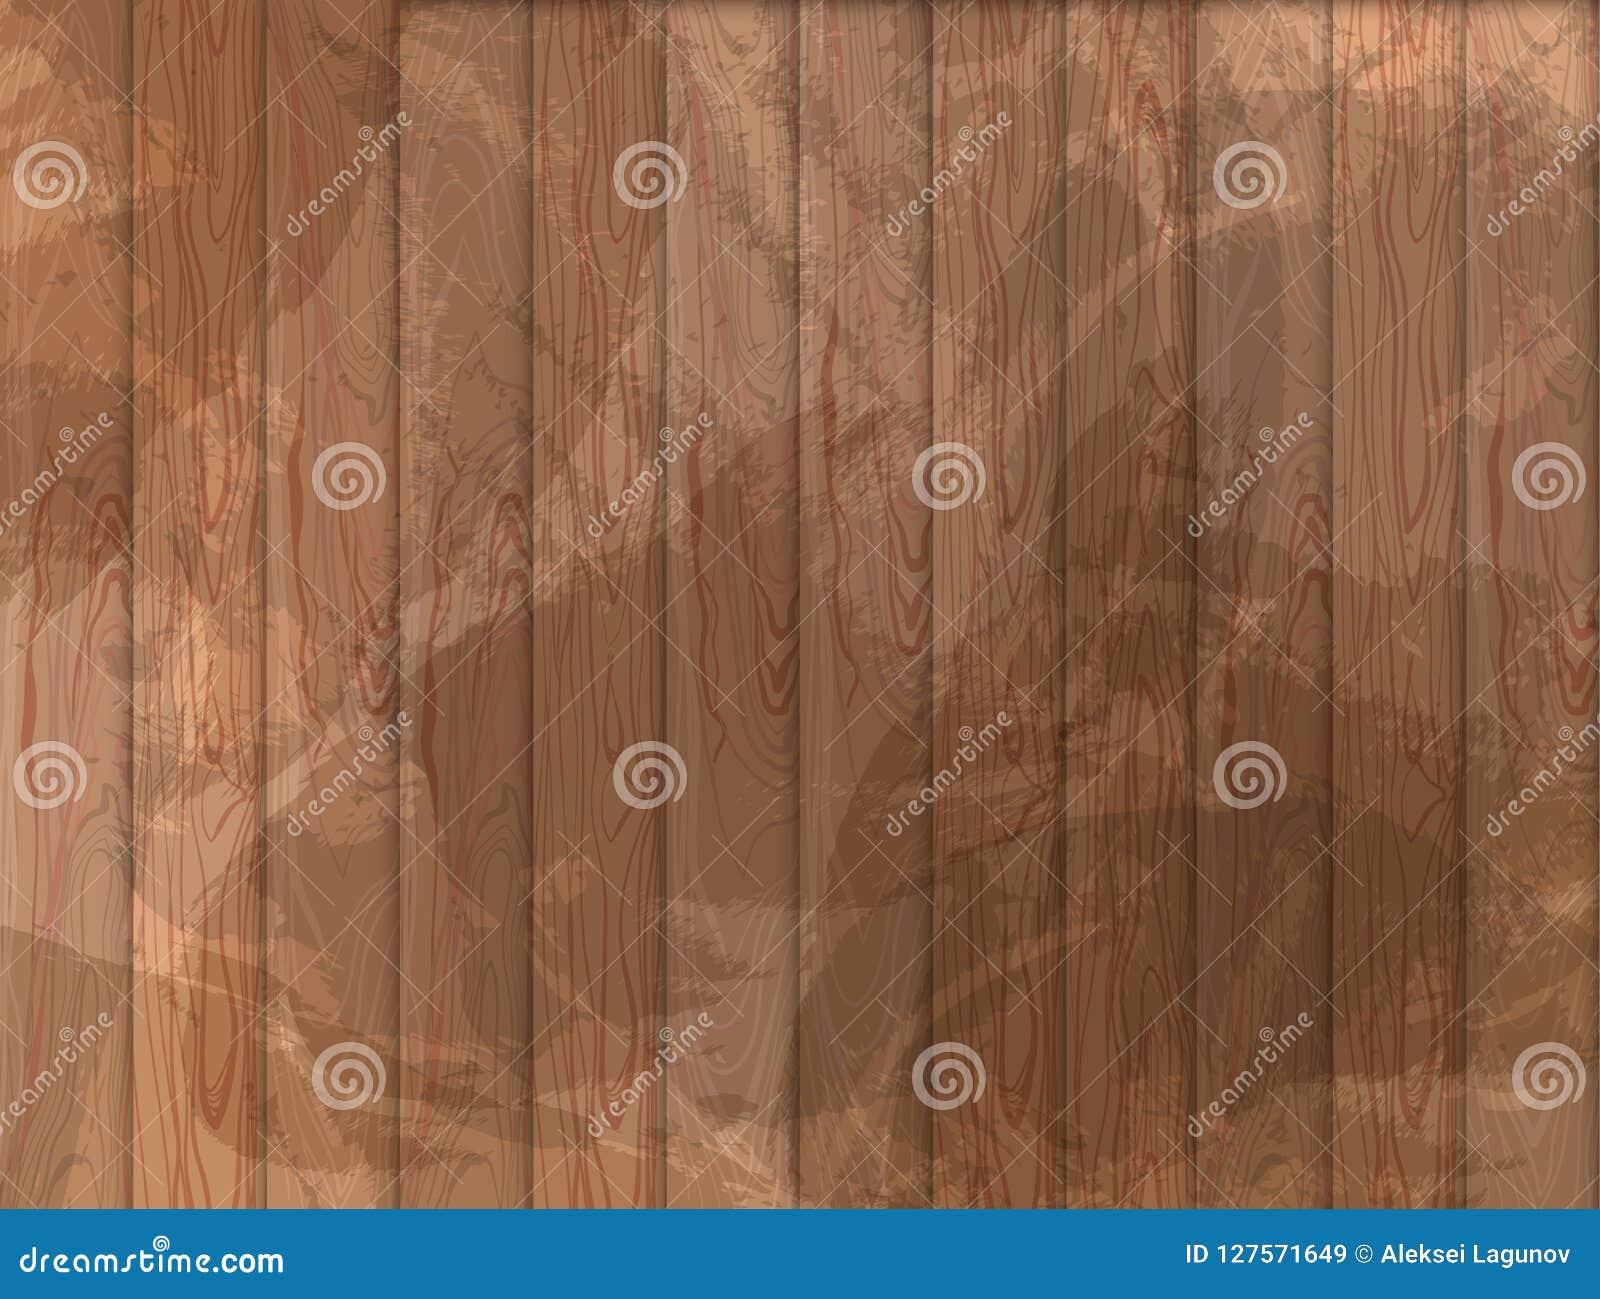 Предпосылка Grunge вектора деревянная, деревянная текстура, русый цвет